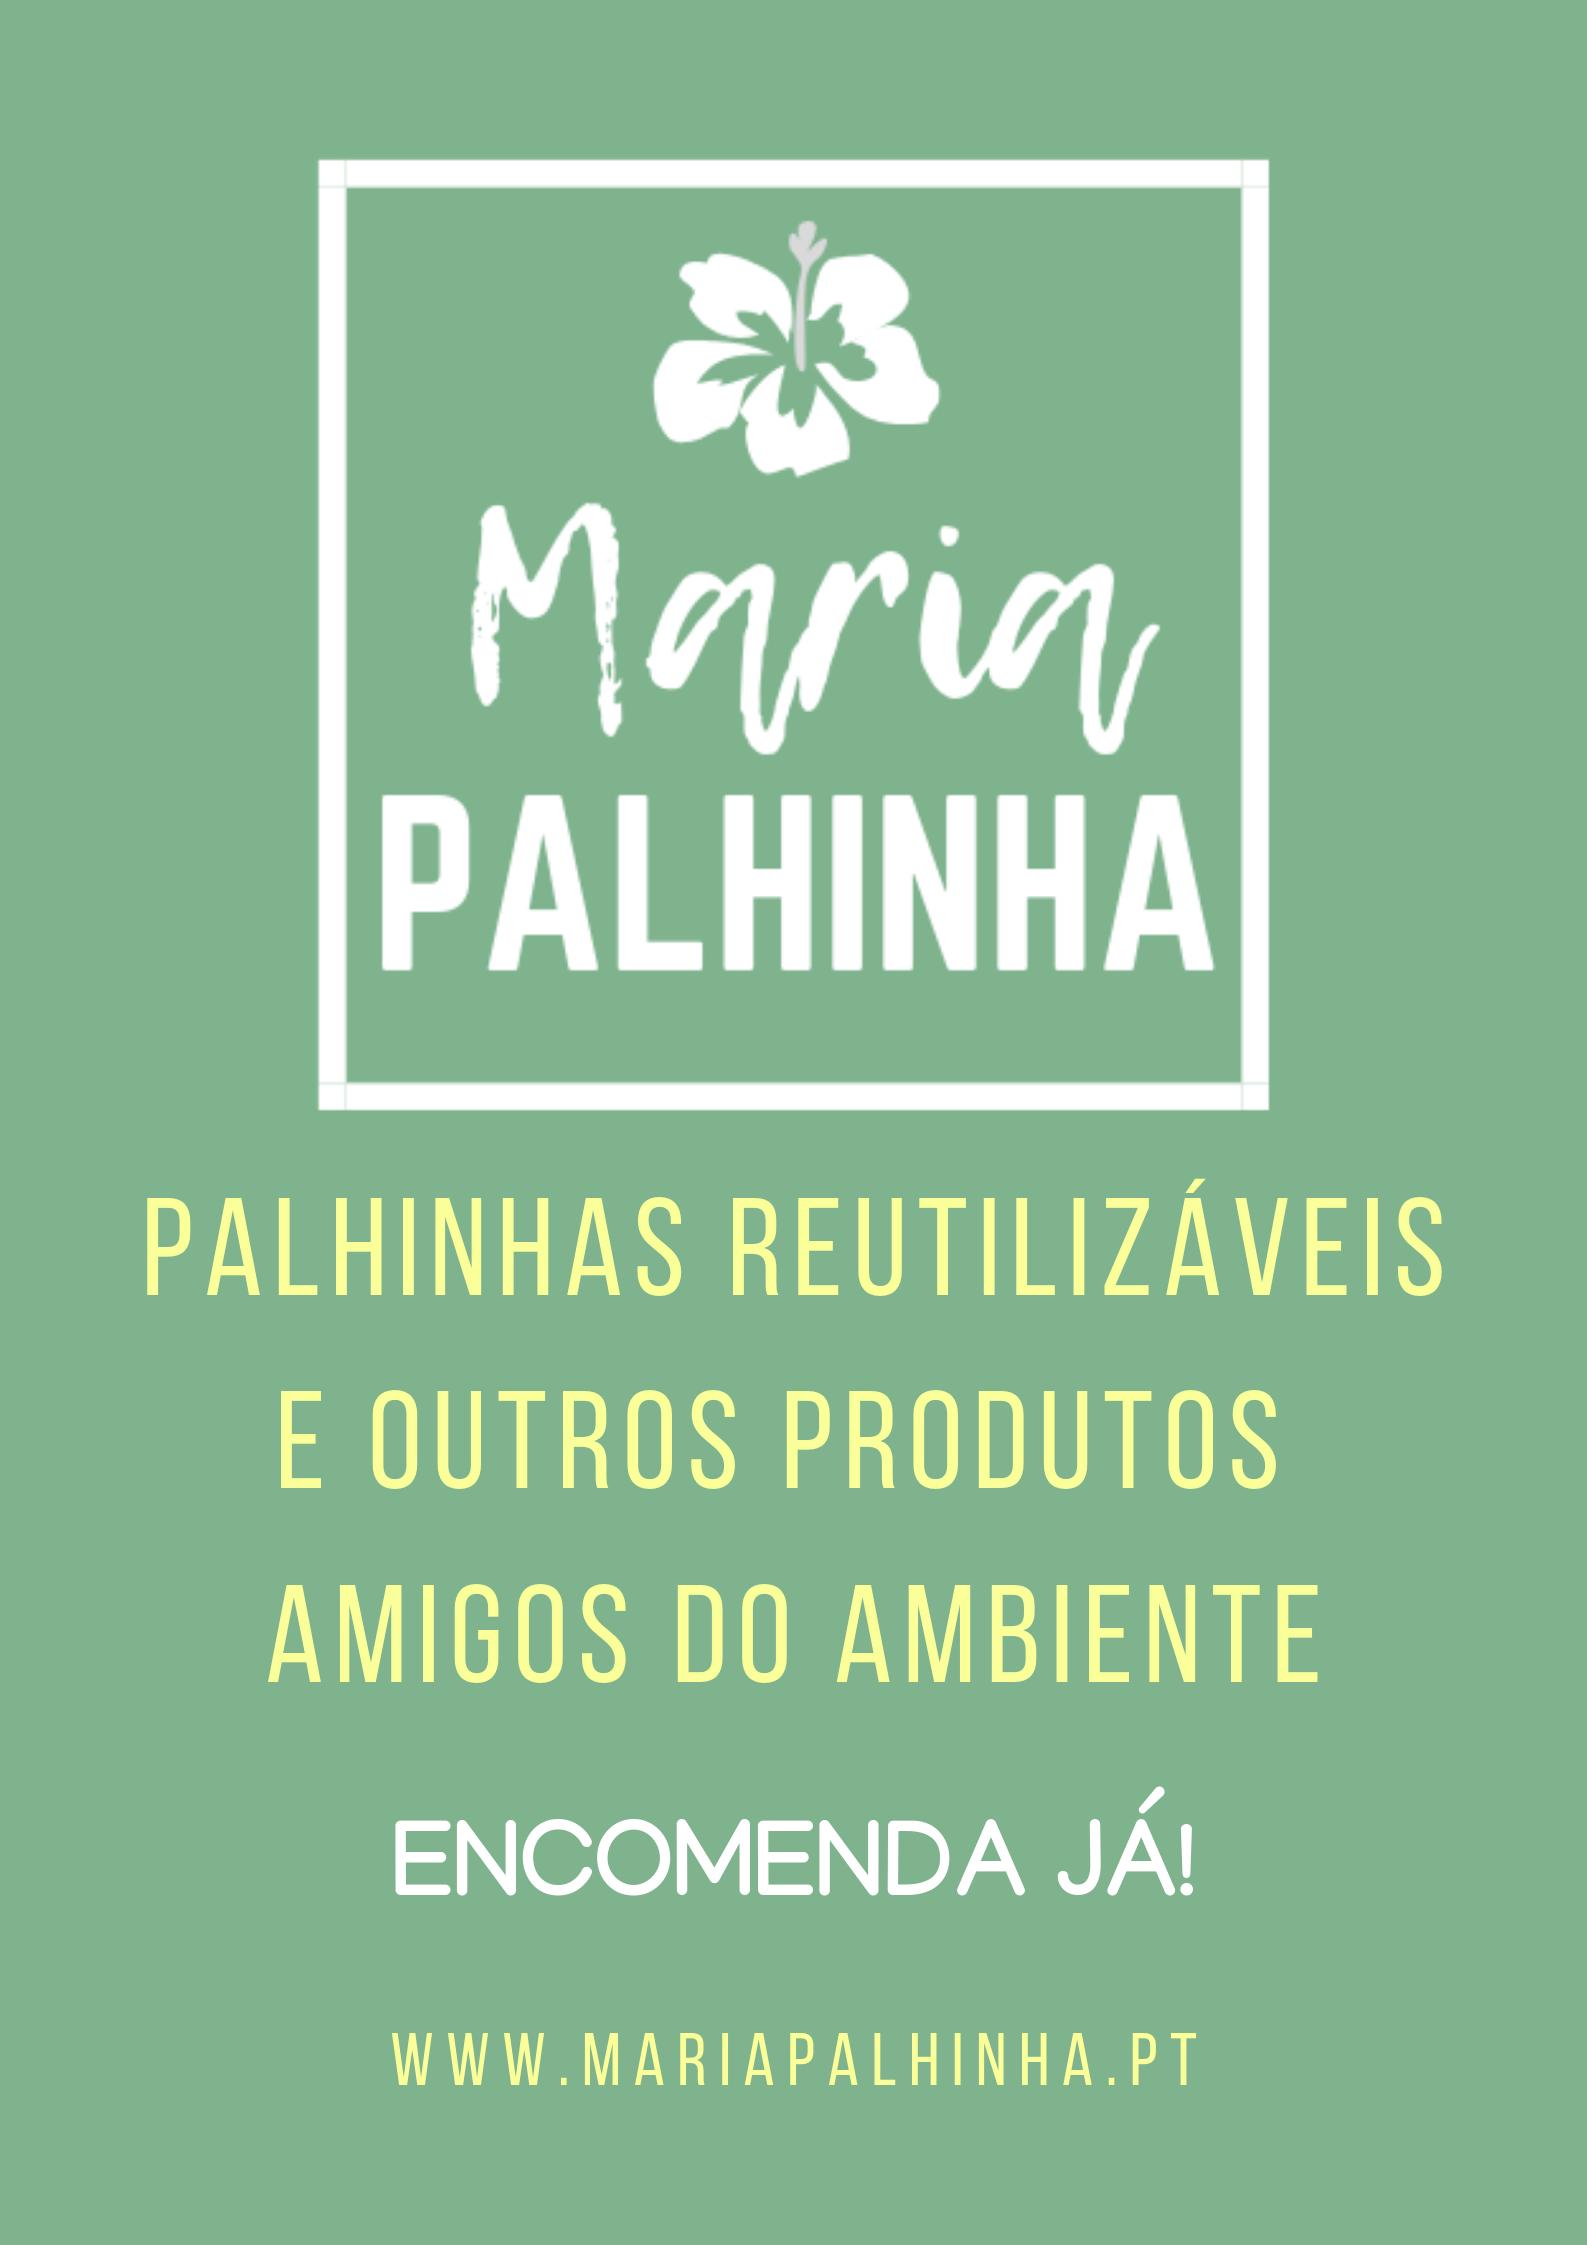 Maria Palhinha - Palhinhas reutilizáveis